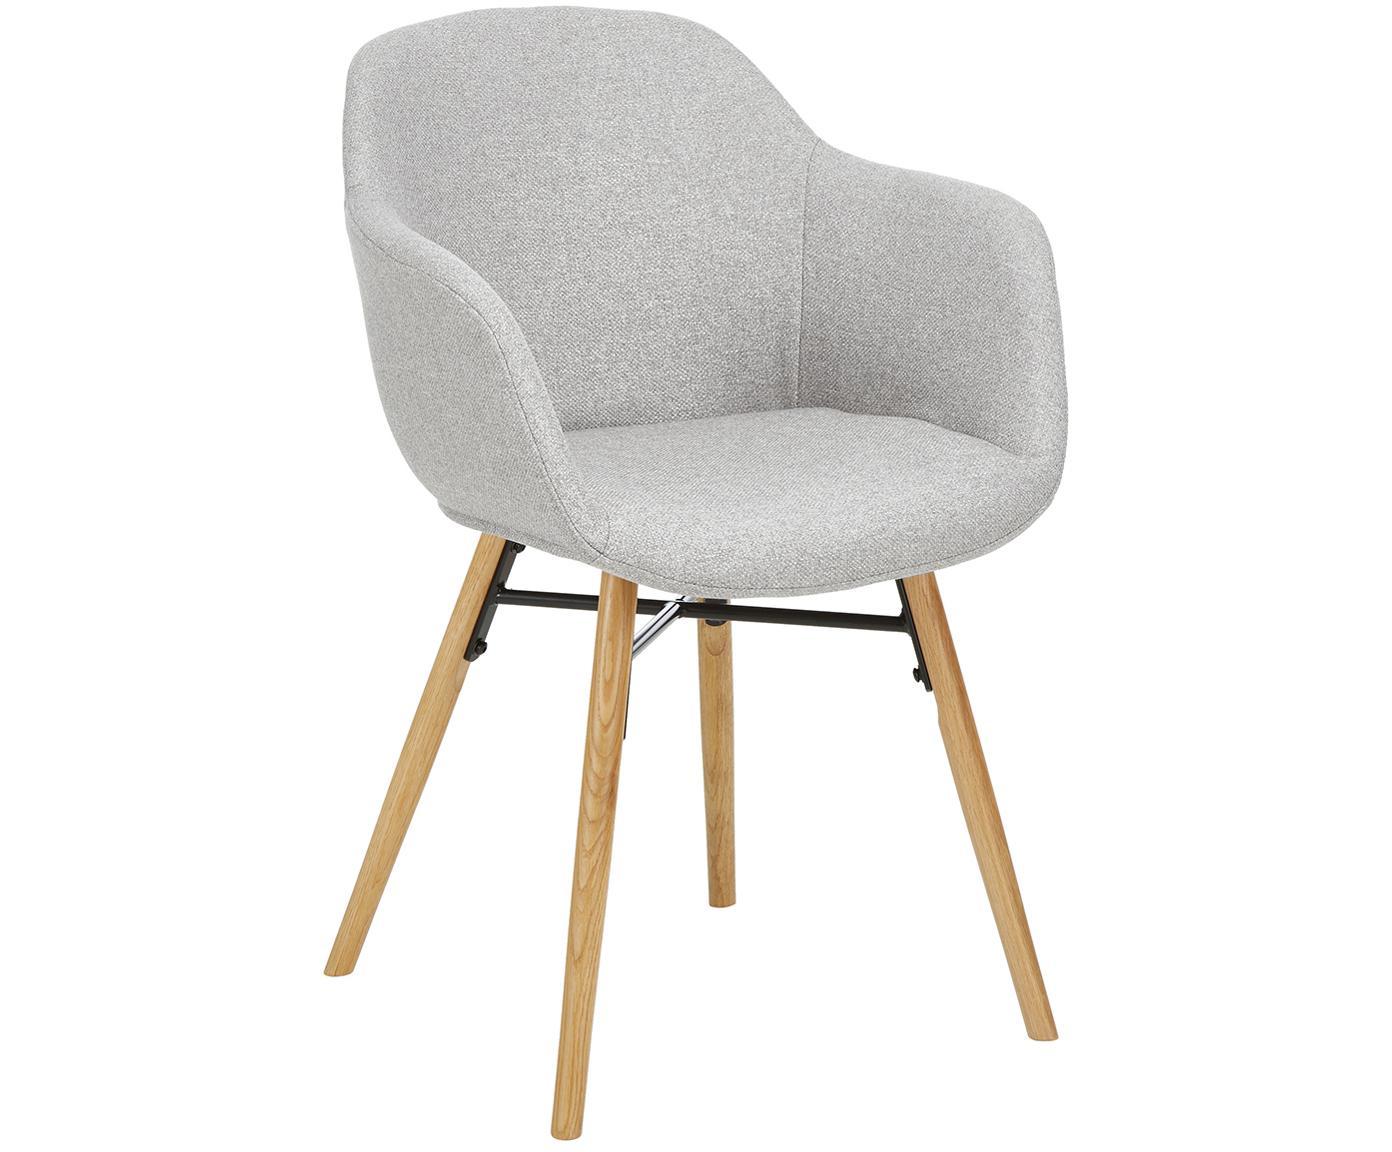 Gestoffeerde stoel Fiji met houten poten, Bekleding: polyester, Poten: massief eikenhout, Zitvlak: lichtgrijs. Poten: eikenhoutkleurig, B 59 x D 55 cm